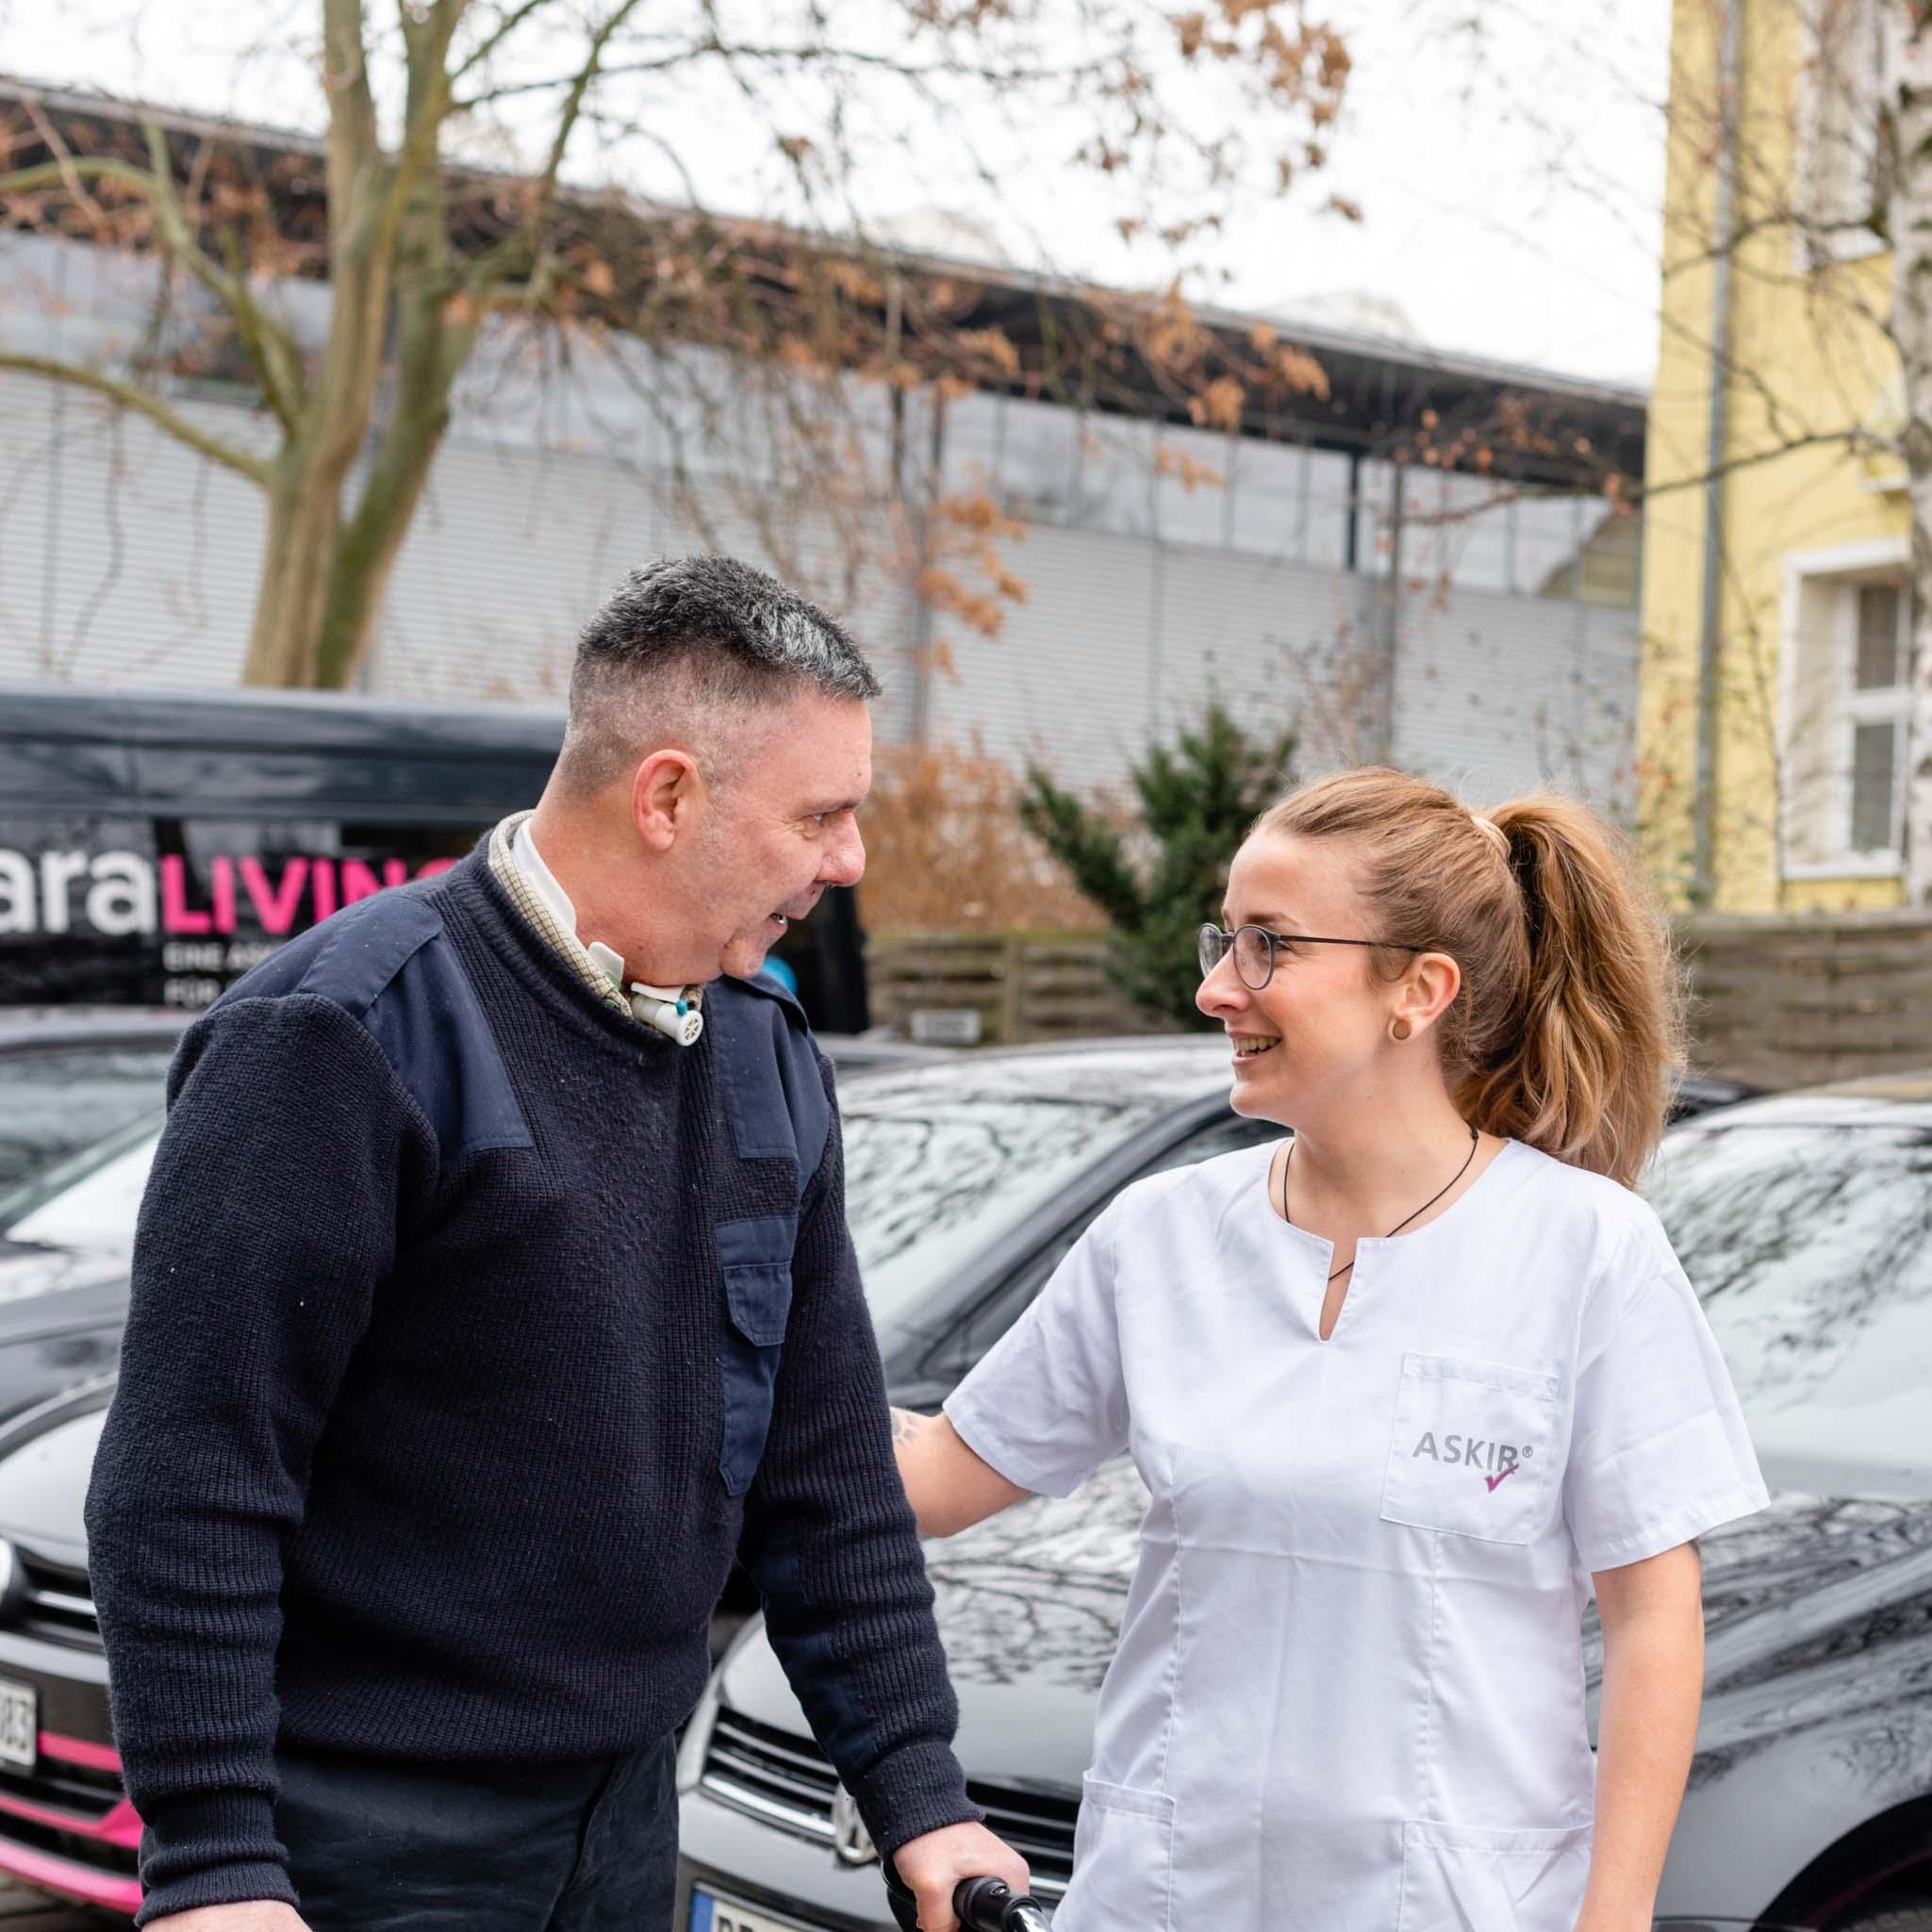 hauswirtschaftlicher Service bei Patient für betreutes Wohnen in Dresden, ASKIR — Pflegedienst Dresden